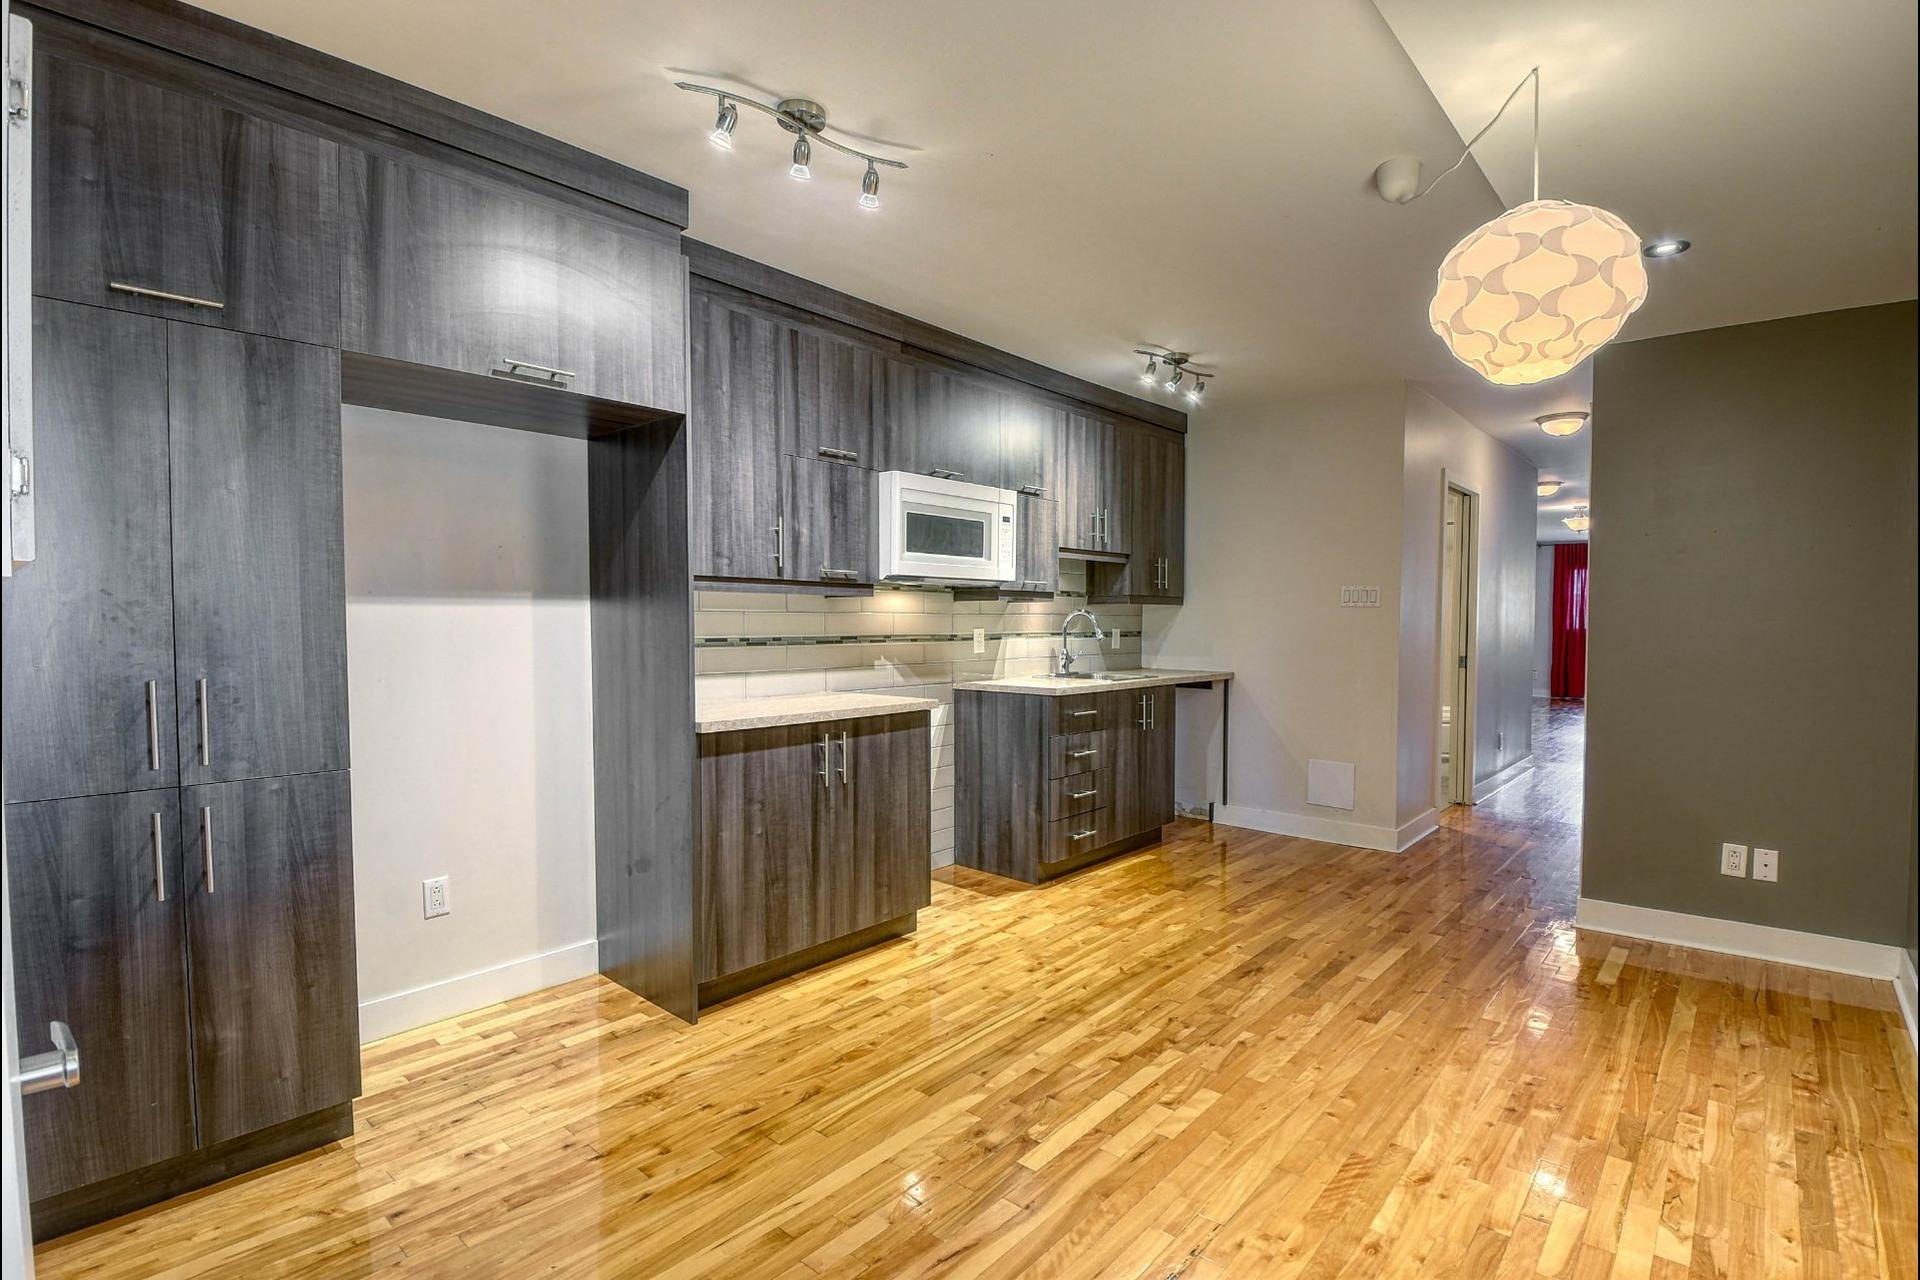 image 6 - Apartment For sale Mercier/Hochelaga-Maisonneuve Montréal  - 4 rooms